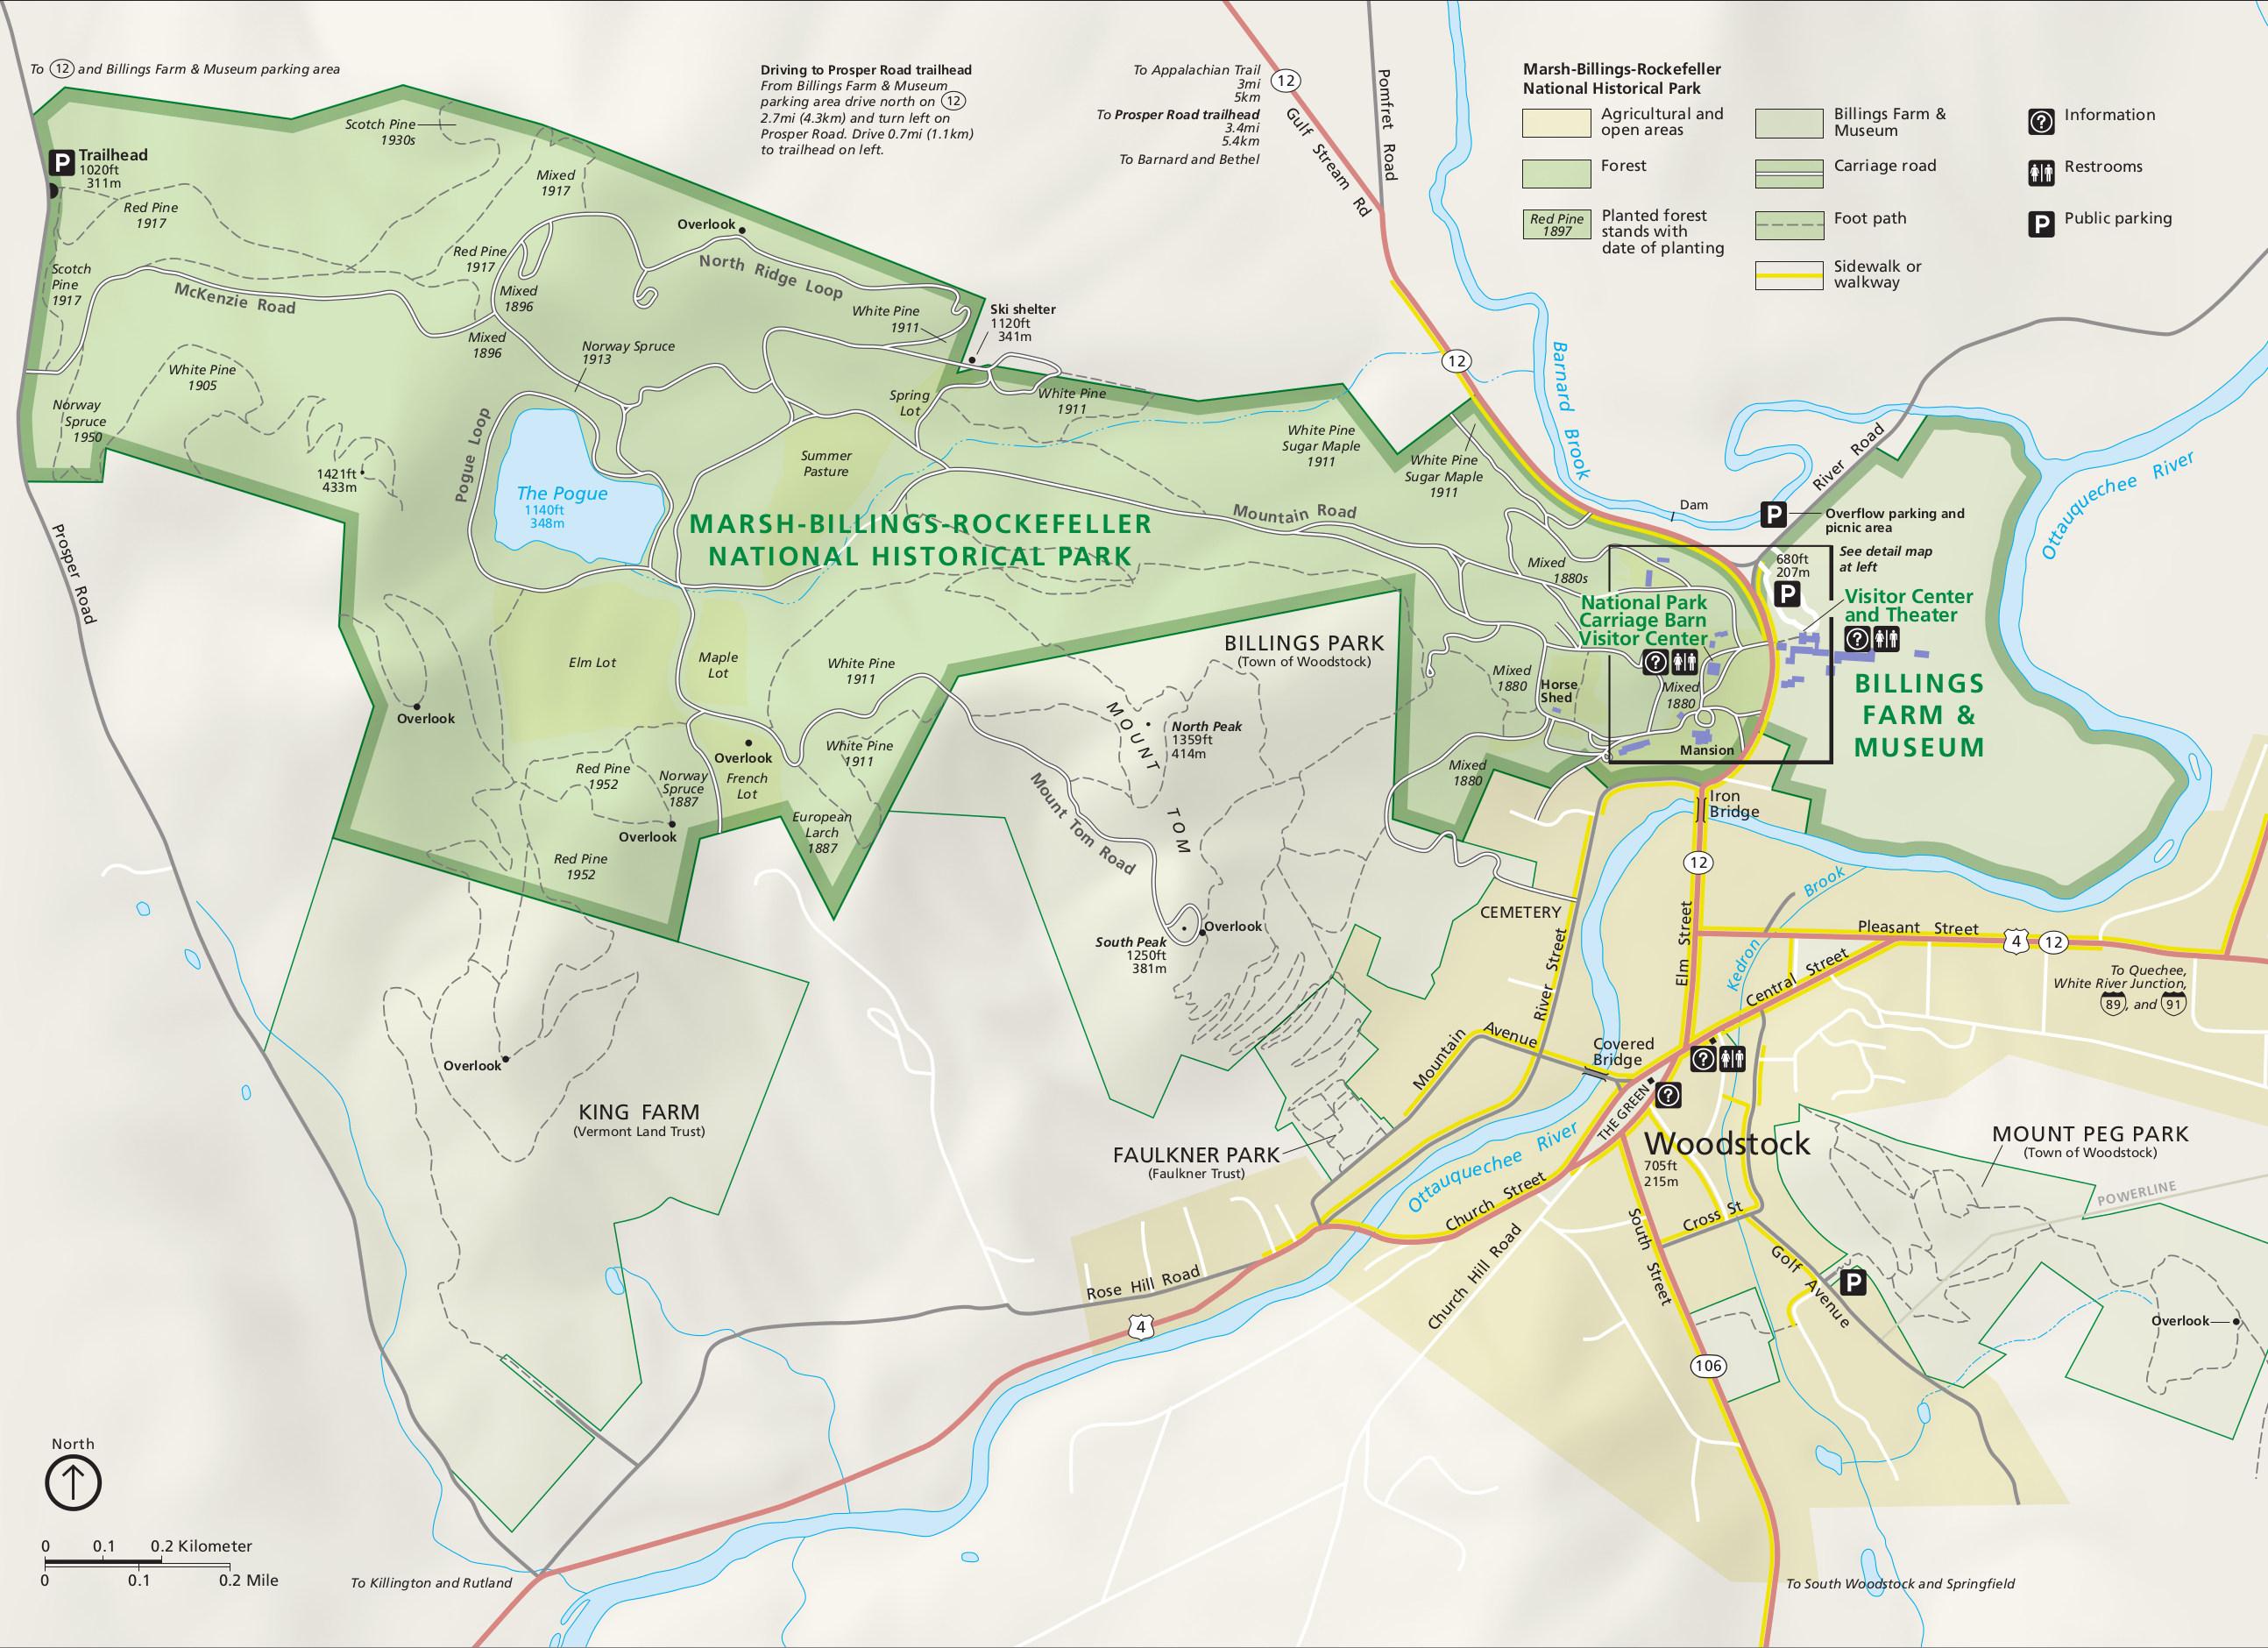 FileNPS marshbillingsrockefellermapjpg Wikimedia Commons